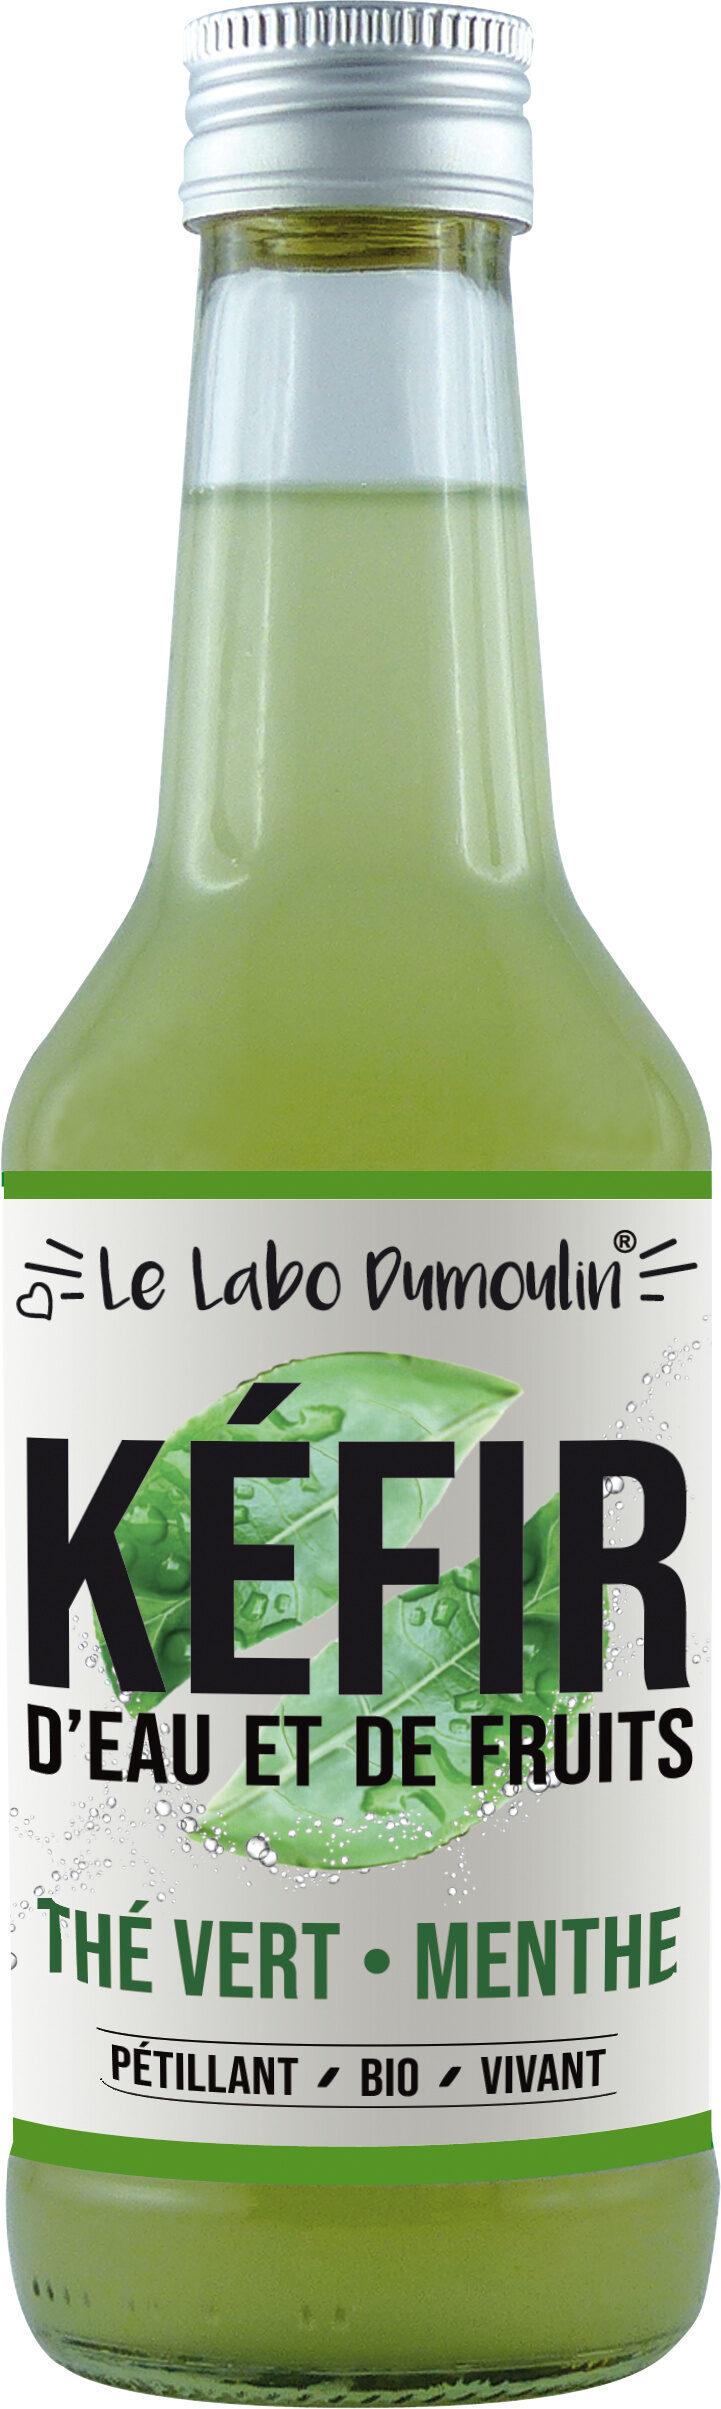 Kéfir de fruits Thé Vert Menthe bio - Produit - fr